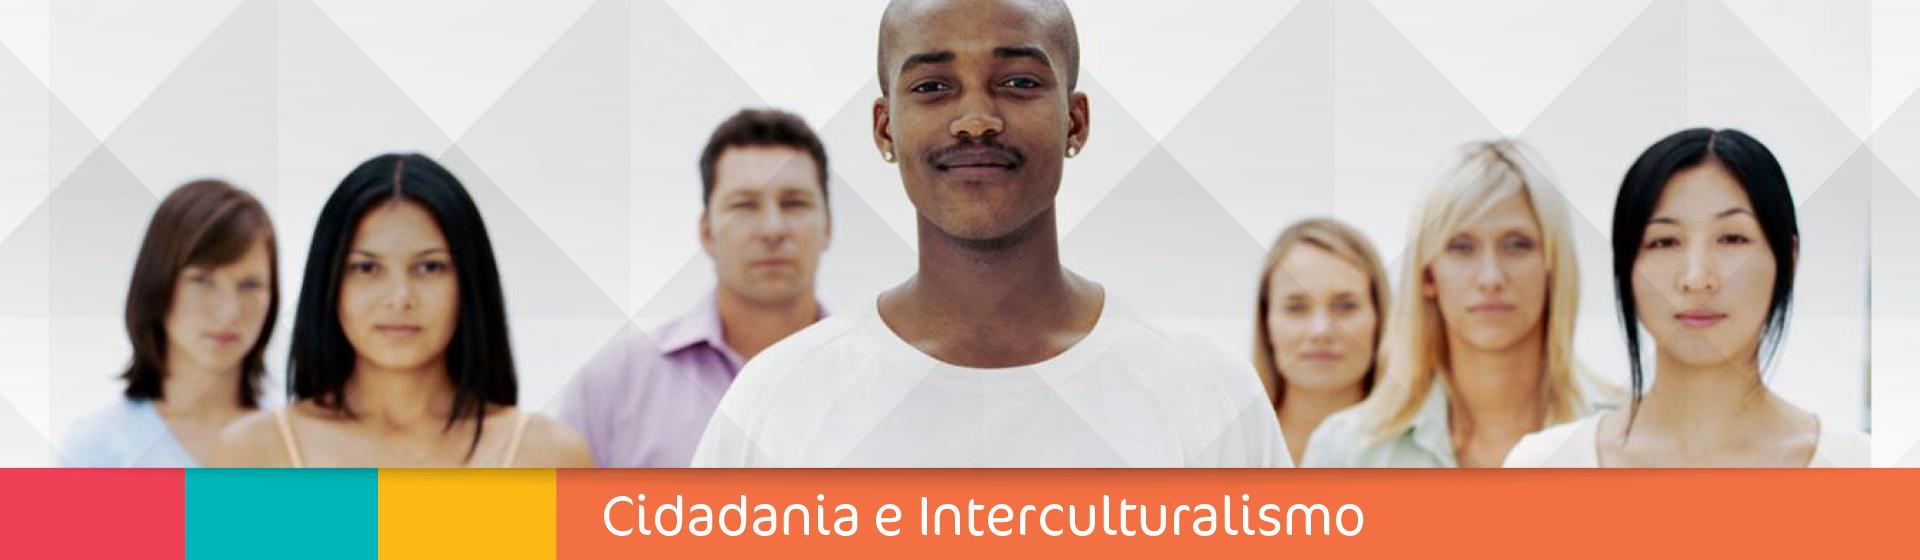 Cidadania interculturalismo 1